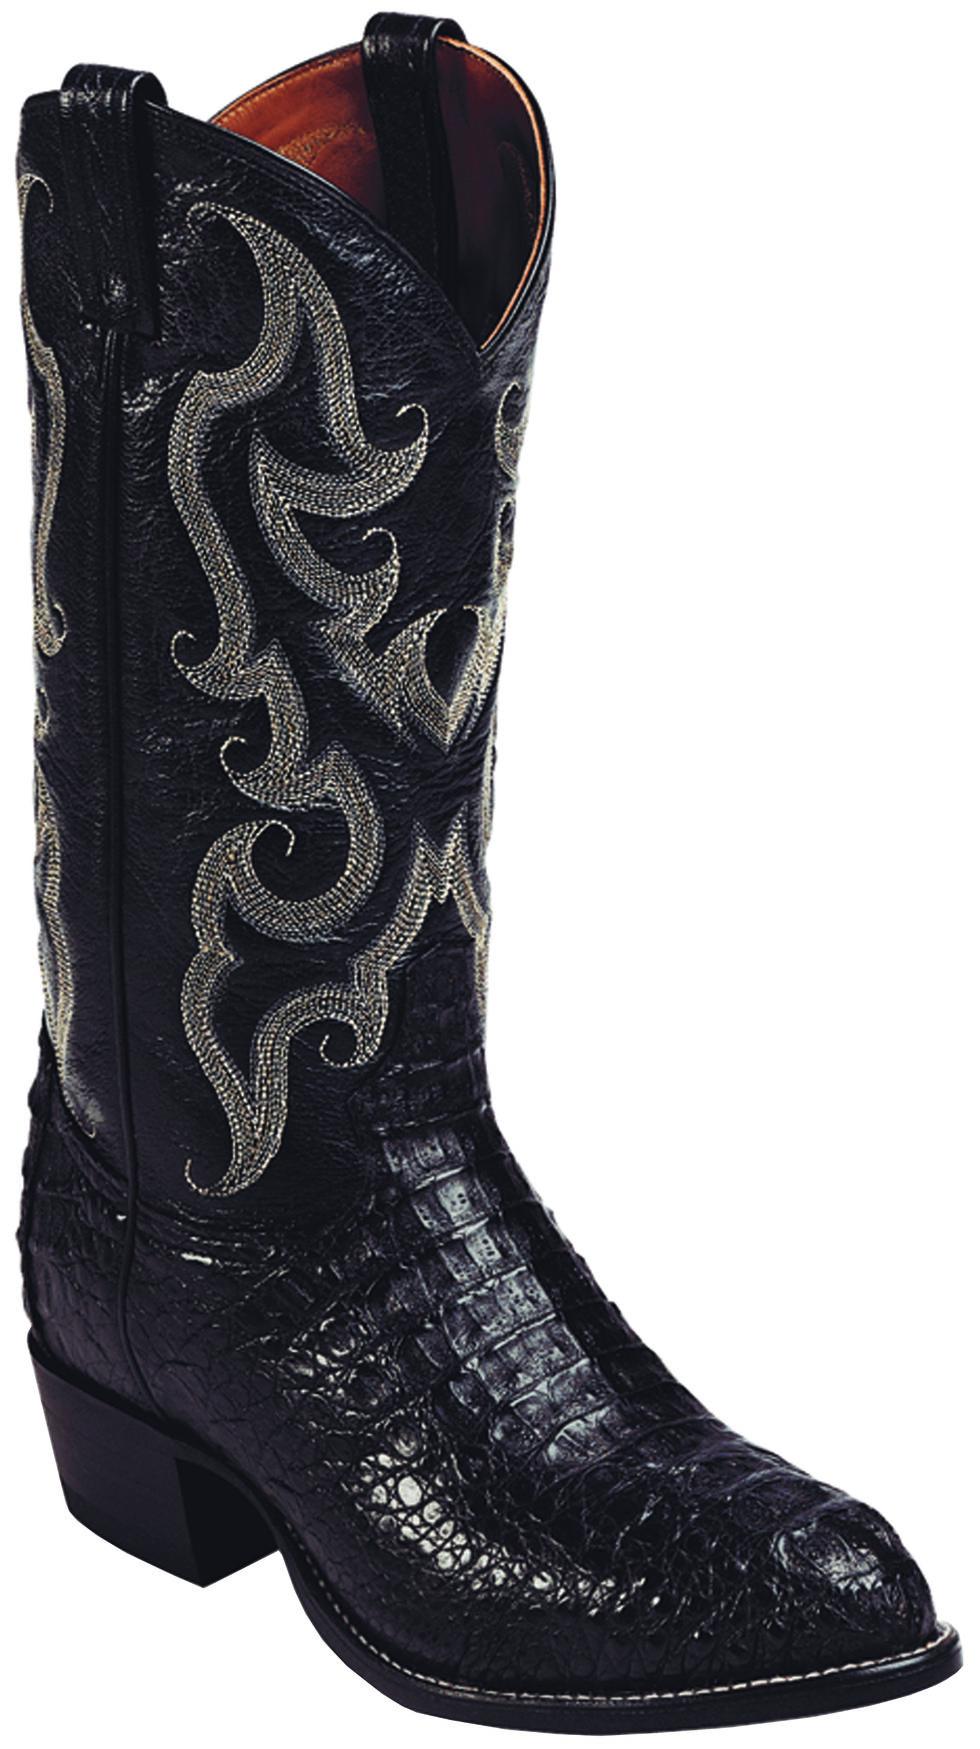 Tony Lama Black Royal Hornback Caiman Exotic Cowboy Boots - Medium Toe , Black, hi-res